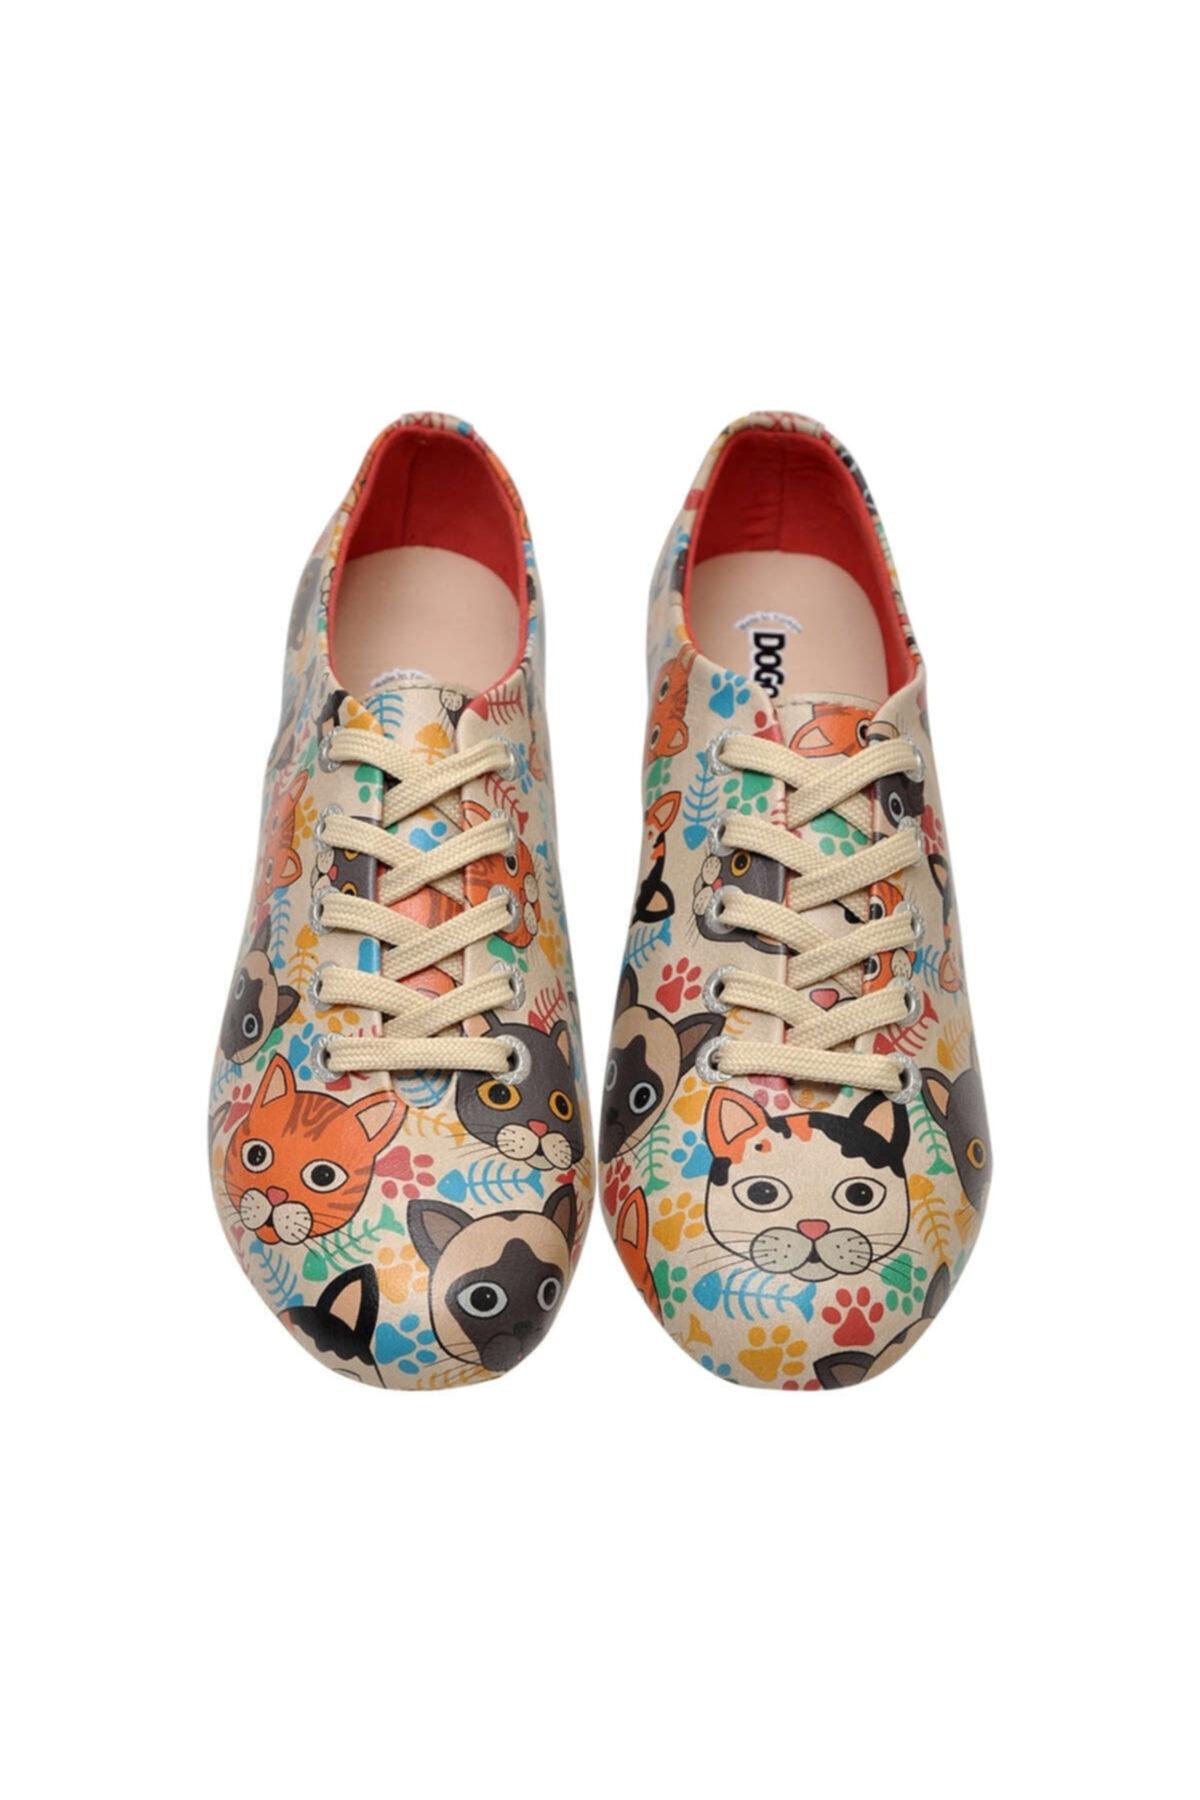 Dogo Kadın Çok Renkli Suni Deri Cat Head Oxford Ayakkabı 2